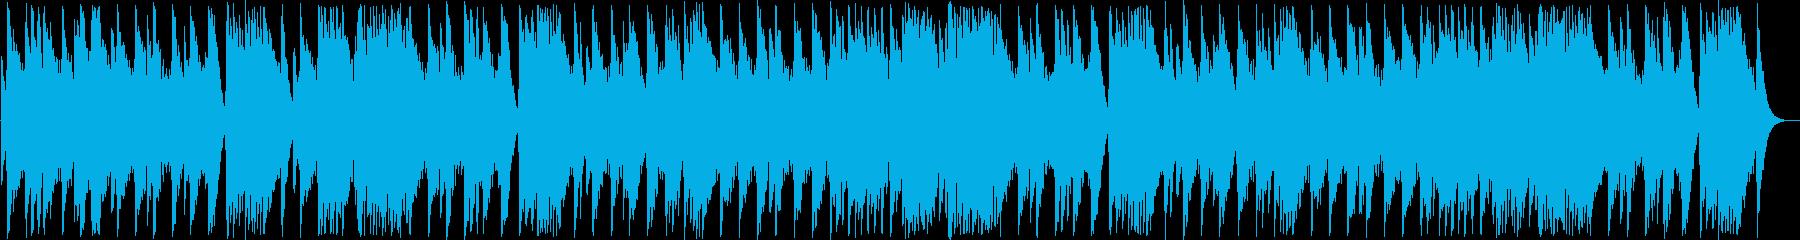 ノクターン変ホ長調 / ショパンの再生済みの波形